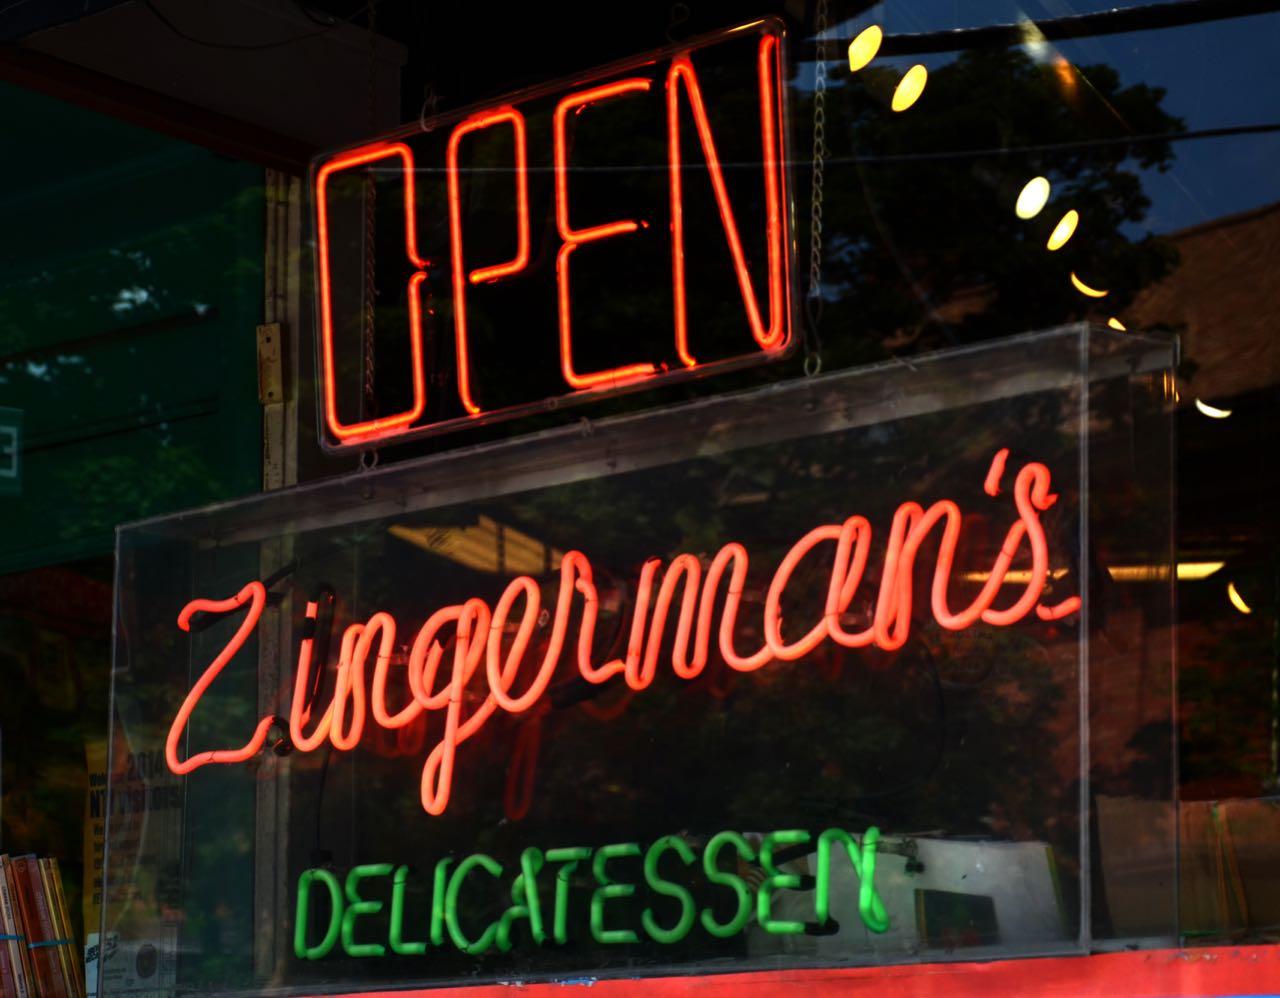 Zingerman